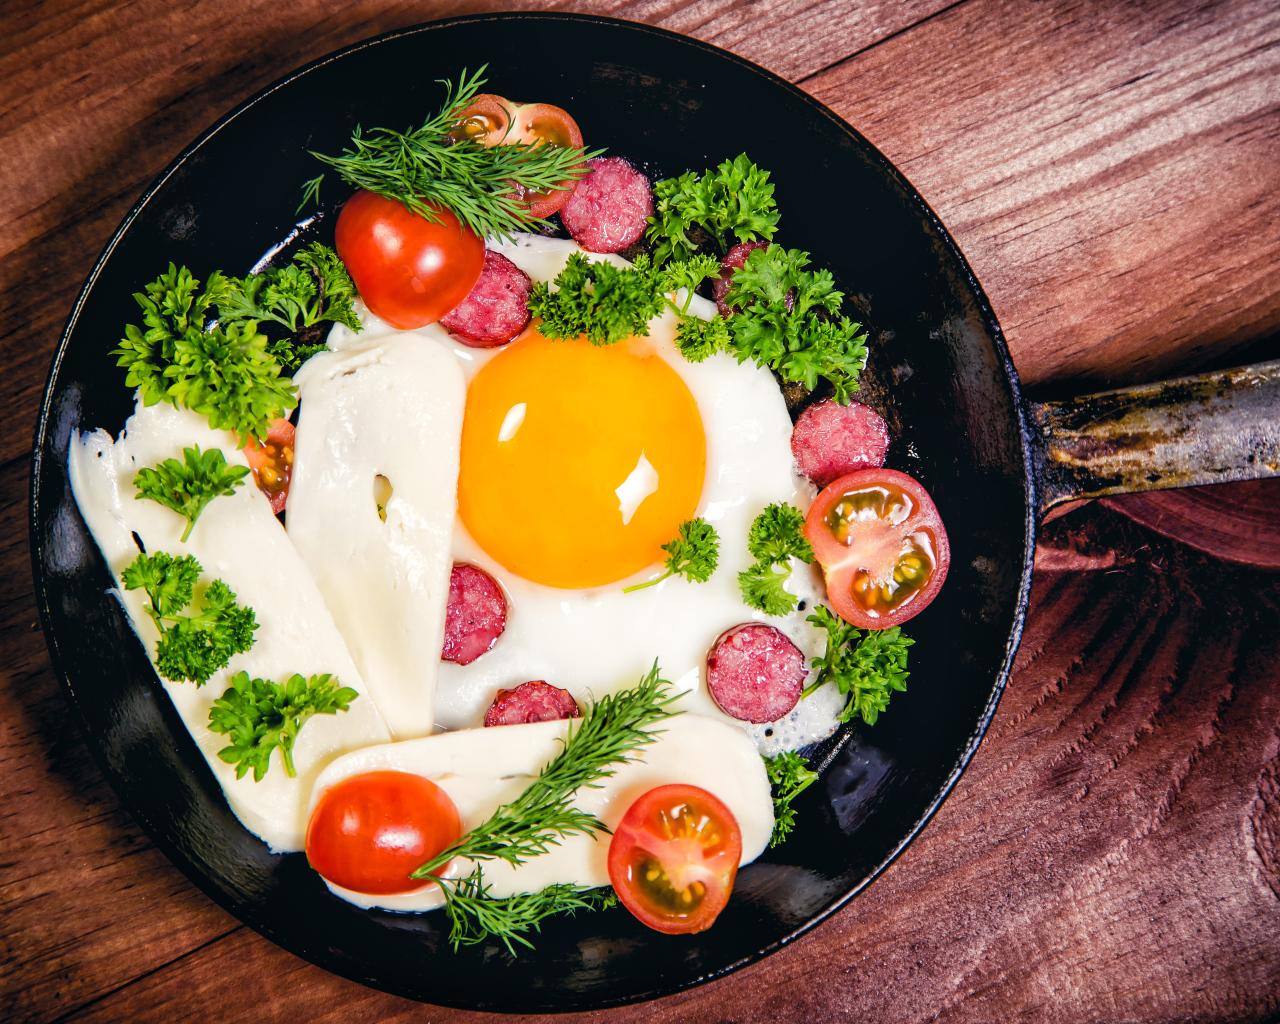 Эксперт назвал самый вредный способ приготовления и употребления яиц